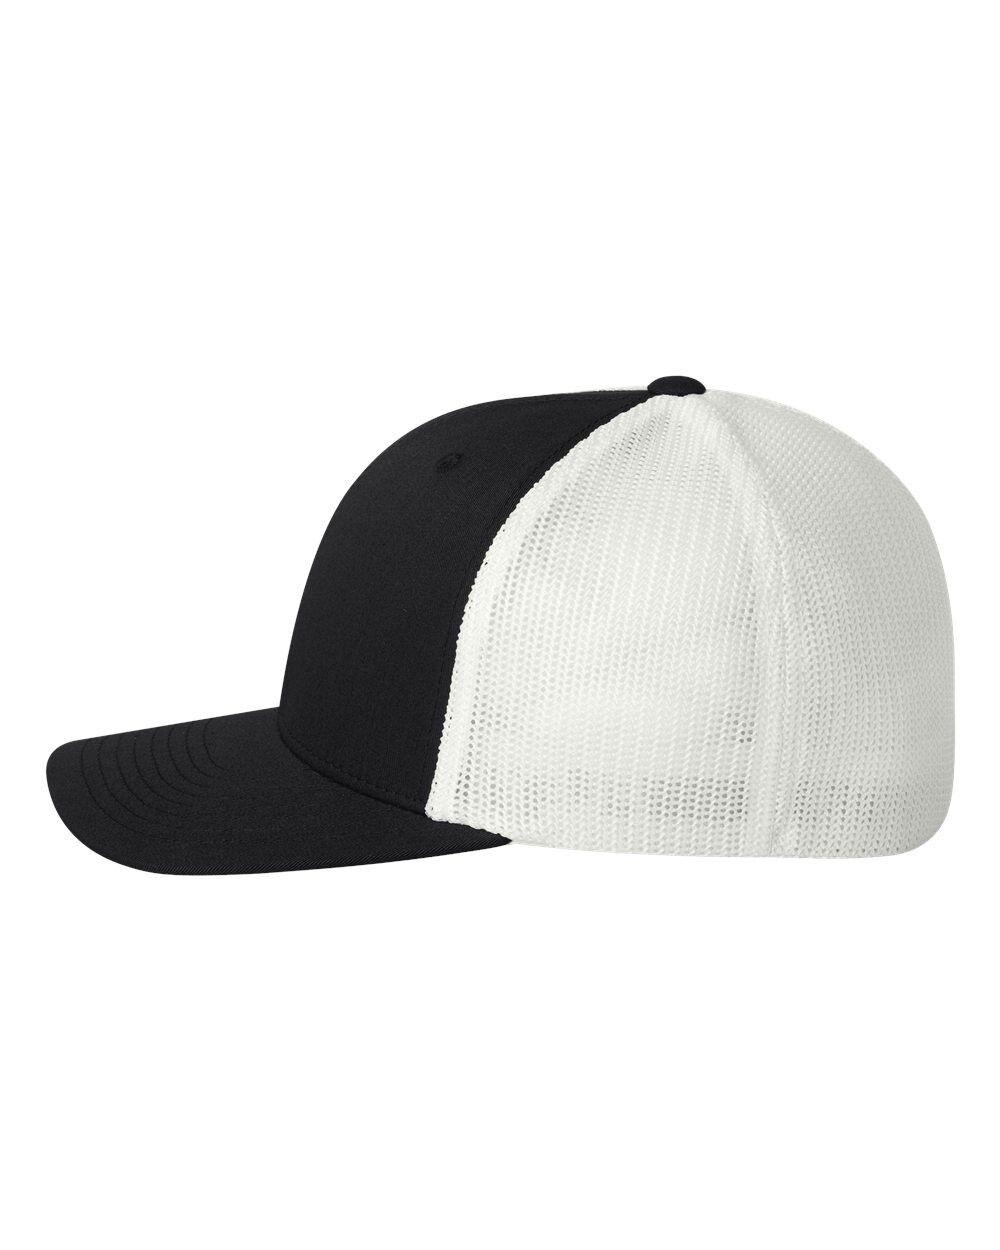 200 flexfit trucker cap fitted mesh baseball hats 6511 one